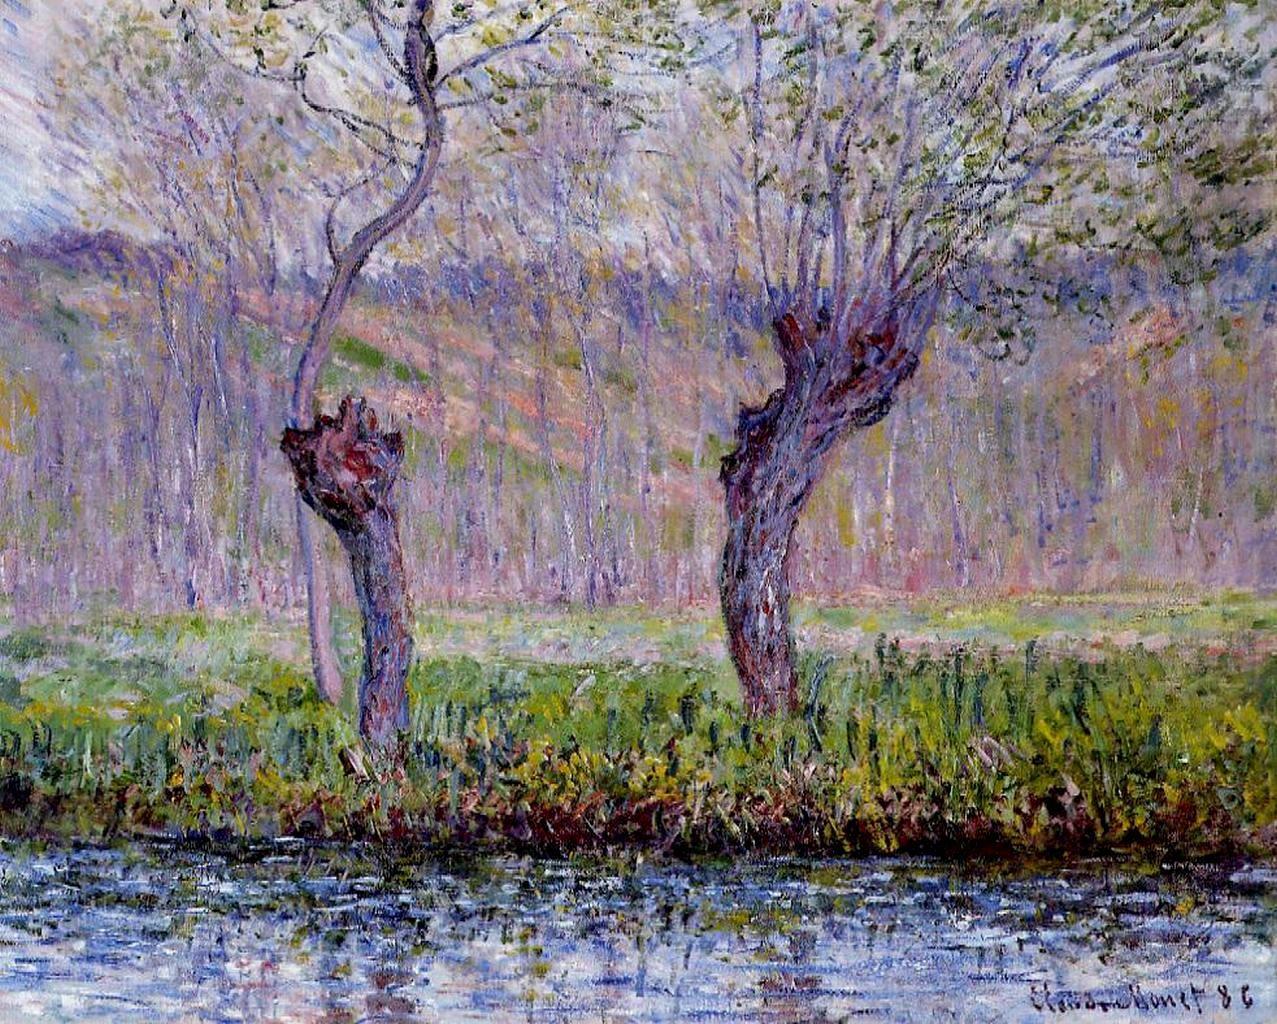 пейзаж < Ивы весной >:: Клод Моне, описание картины - Моне Клод (Claude Monet) фото